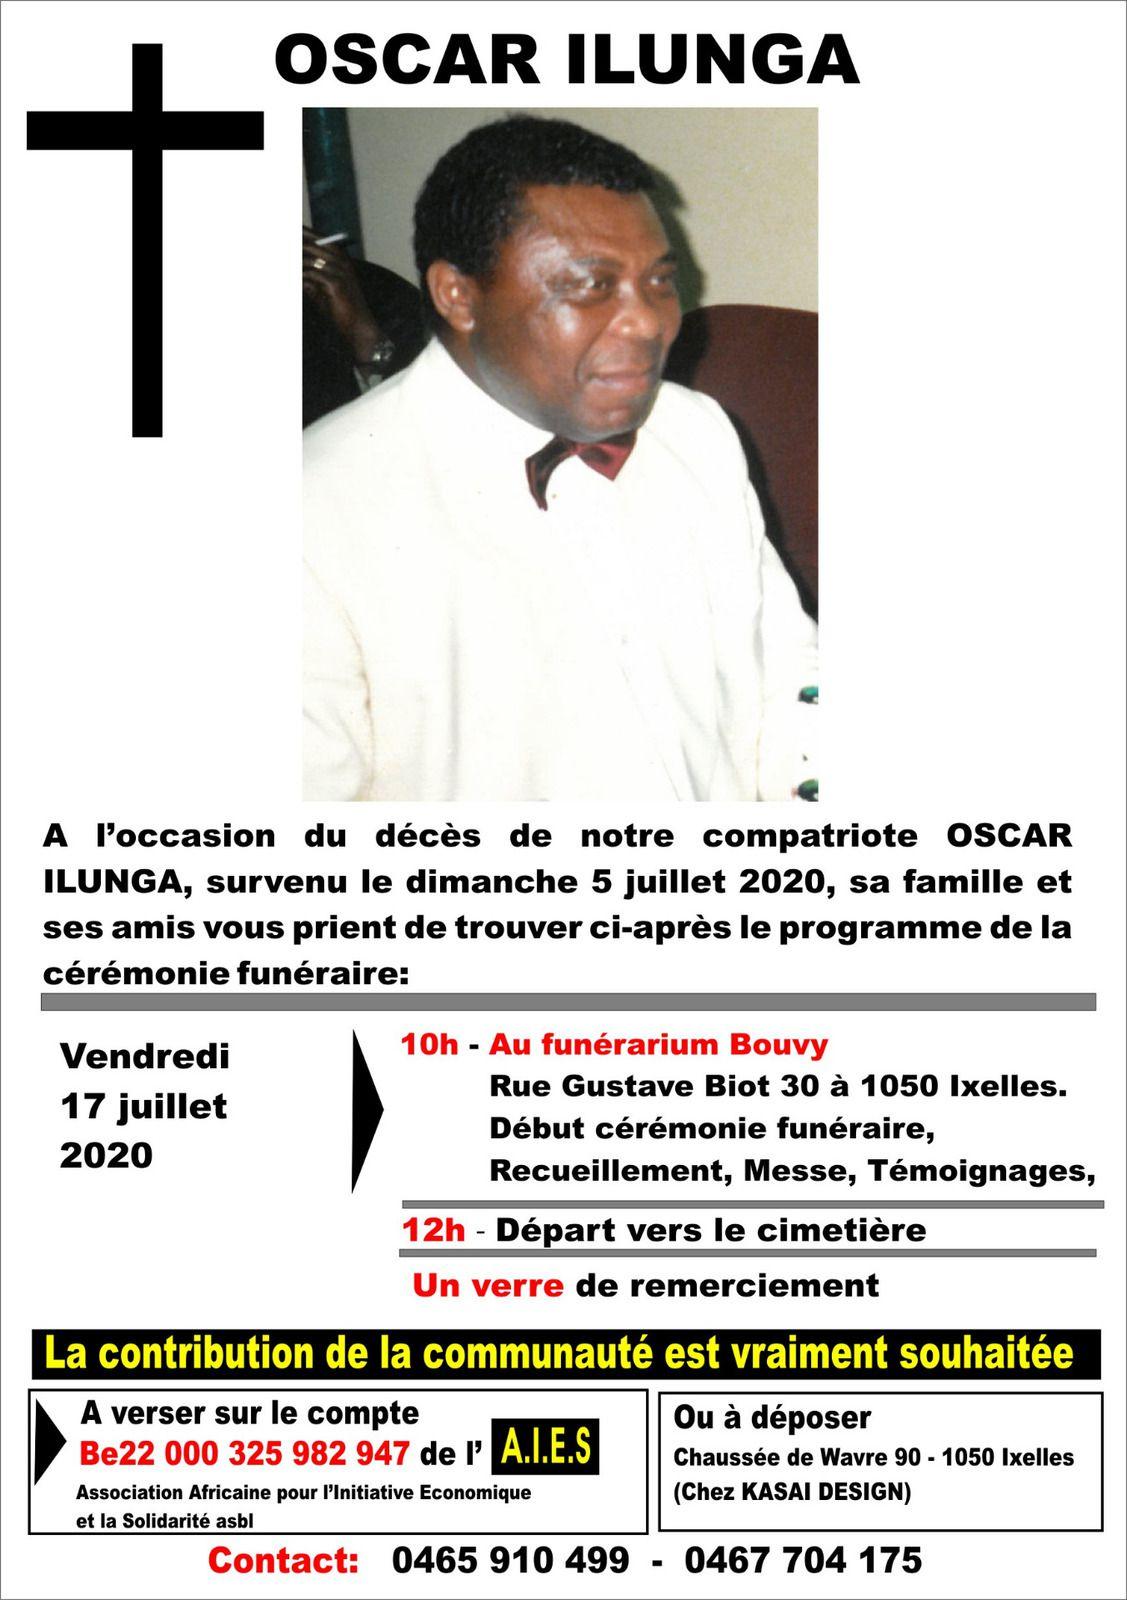 La communauté congolaise de Belgique endeuillée: disparition d'Oscar Ilunga